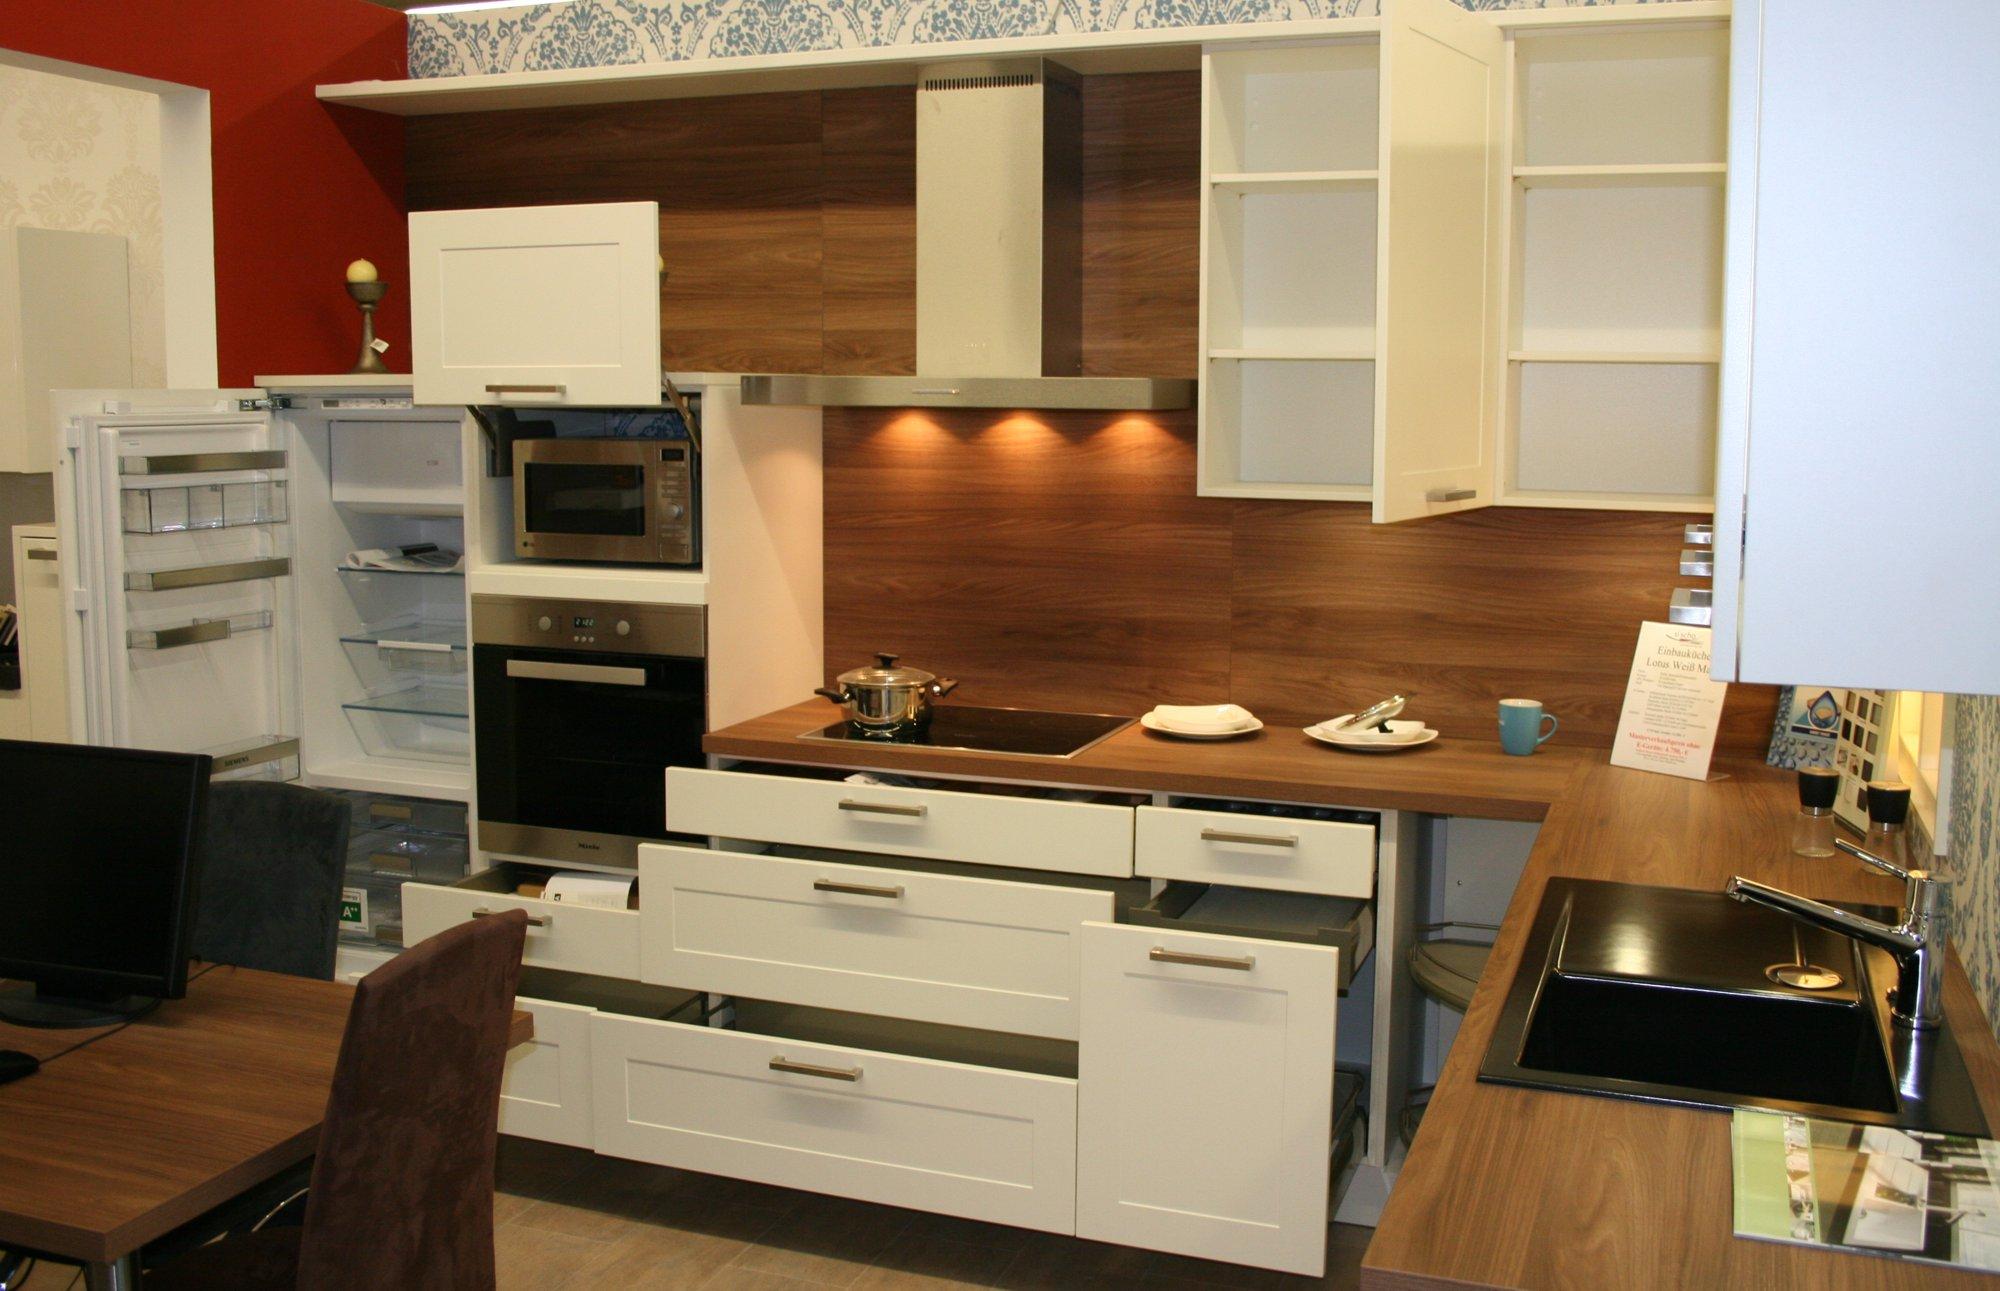 Nolte Express Küchen | 26 Genial Nolte Küchen Farben Ovansjo Se